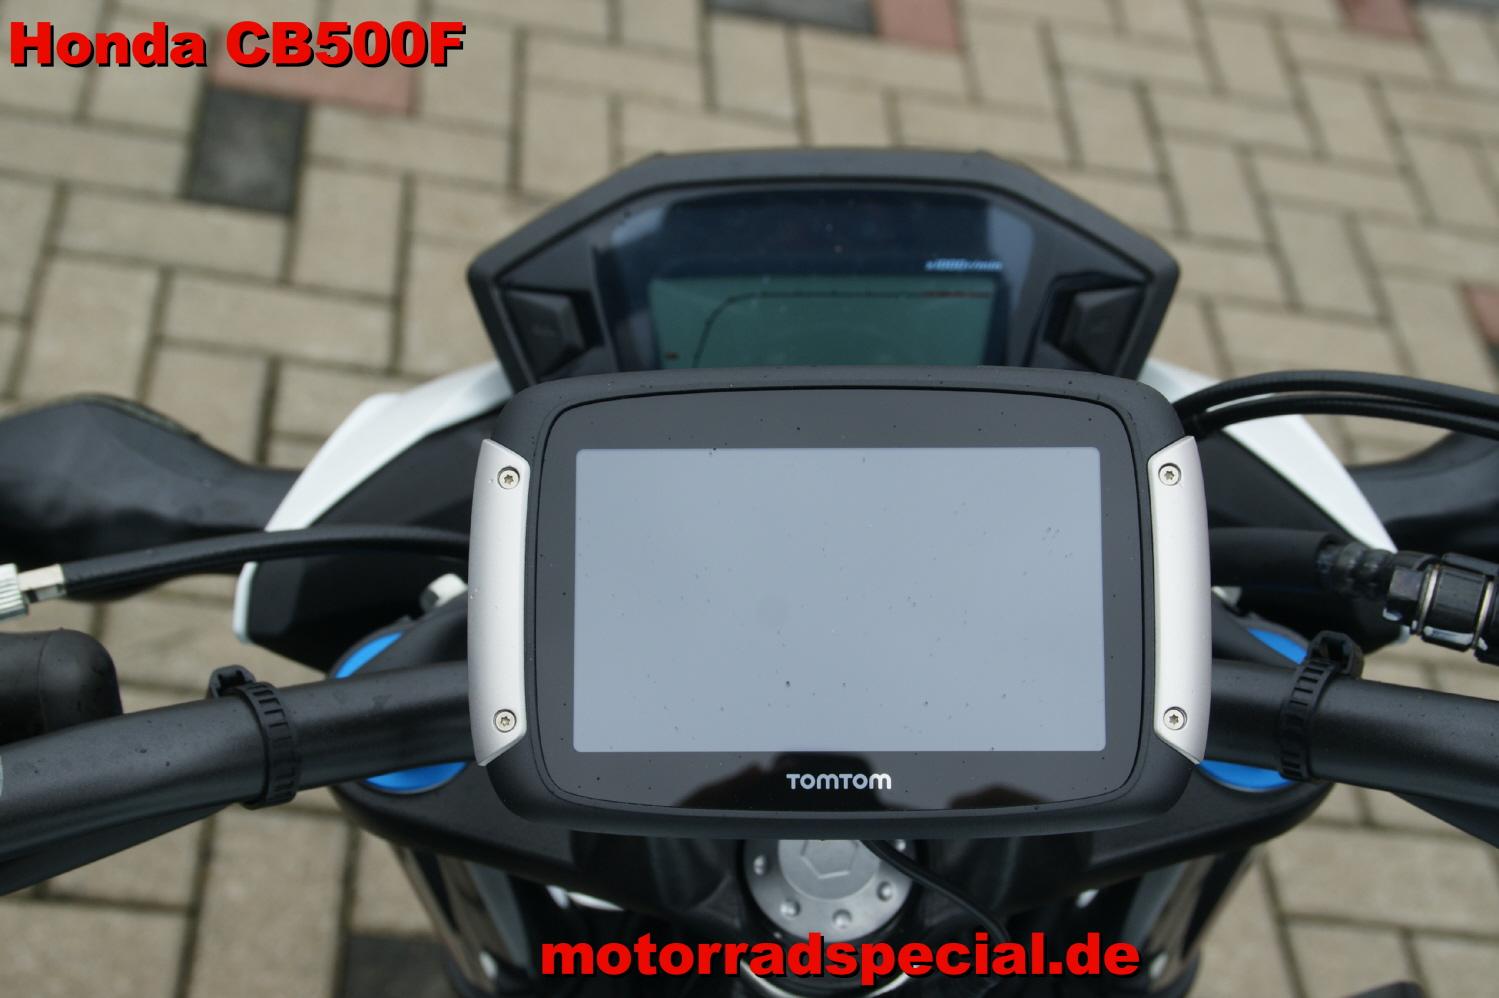 Honda_CB500F_Navigationshalter_Navihalter_TomTom_400_410_3